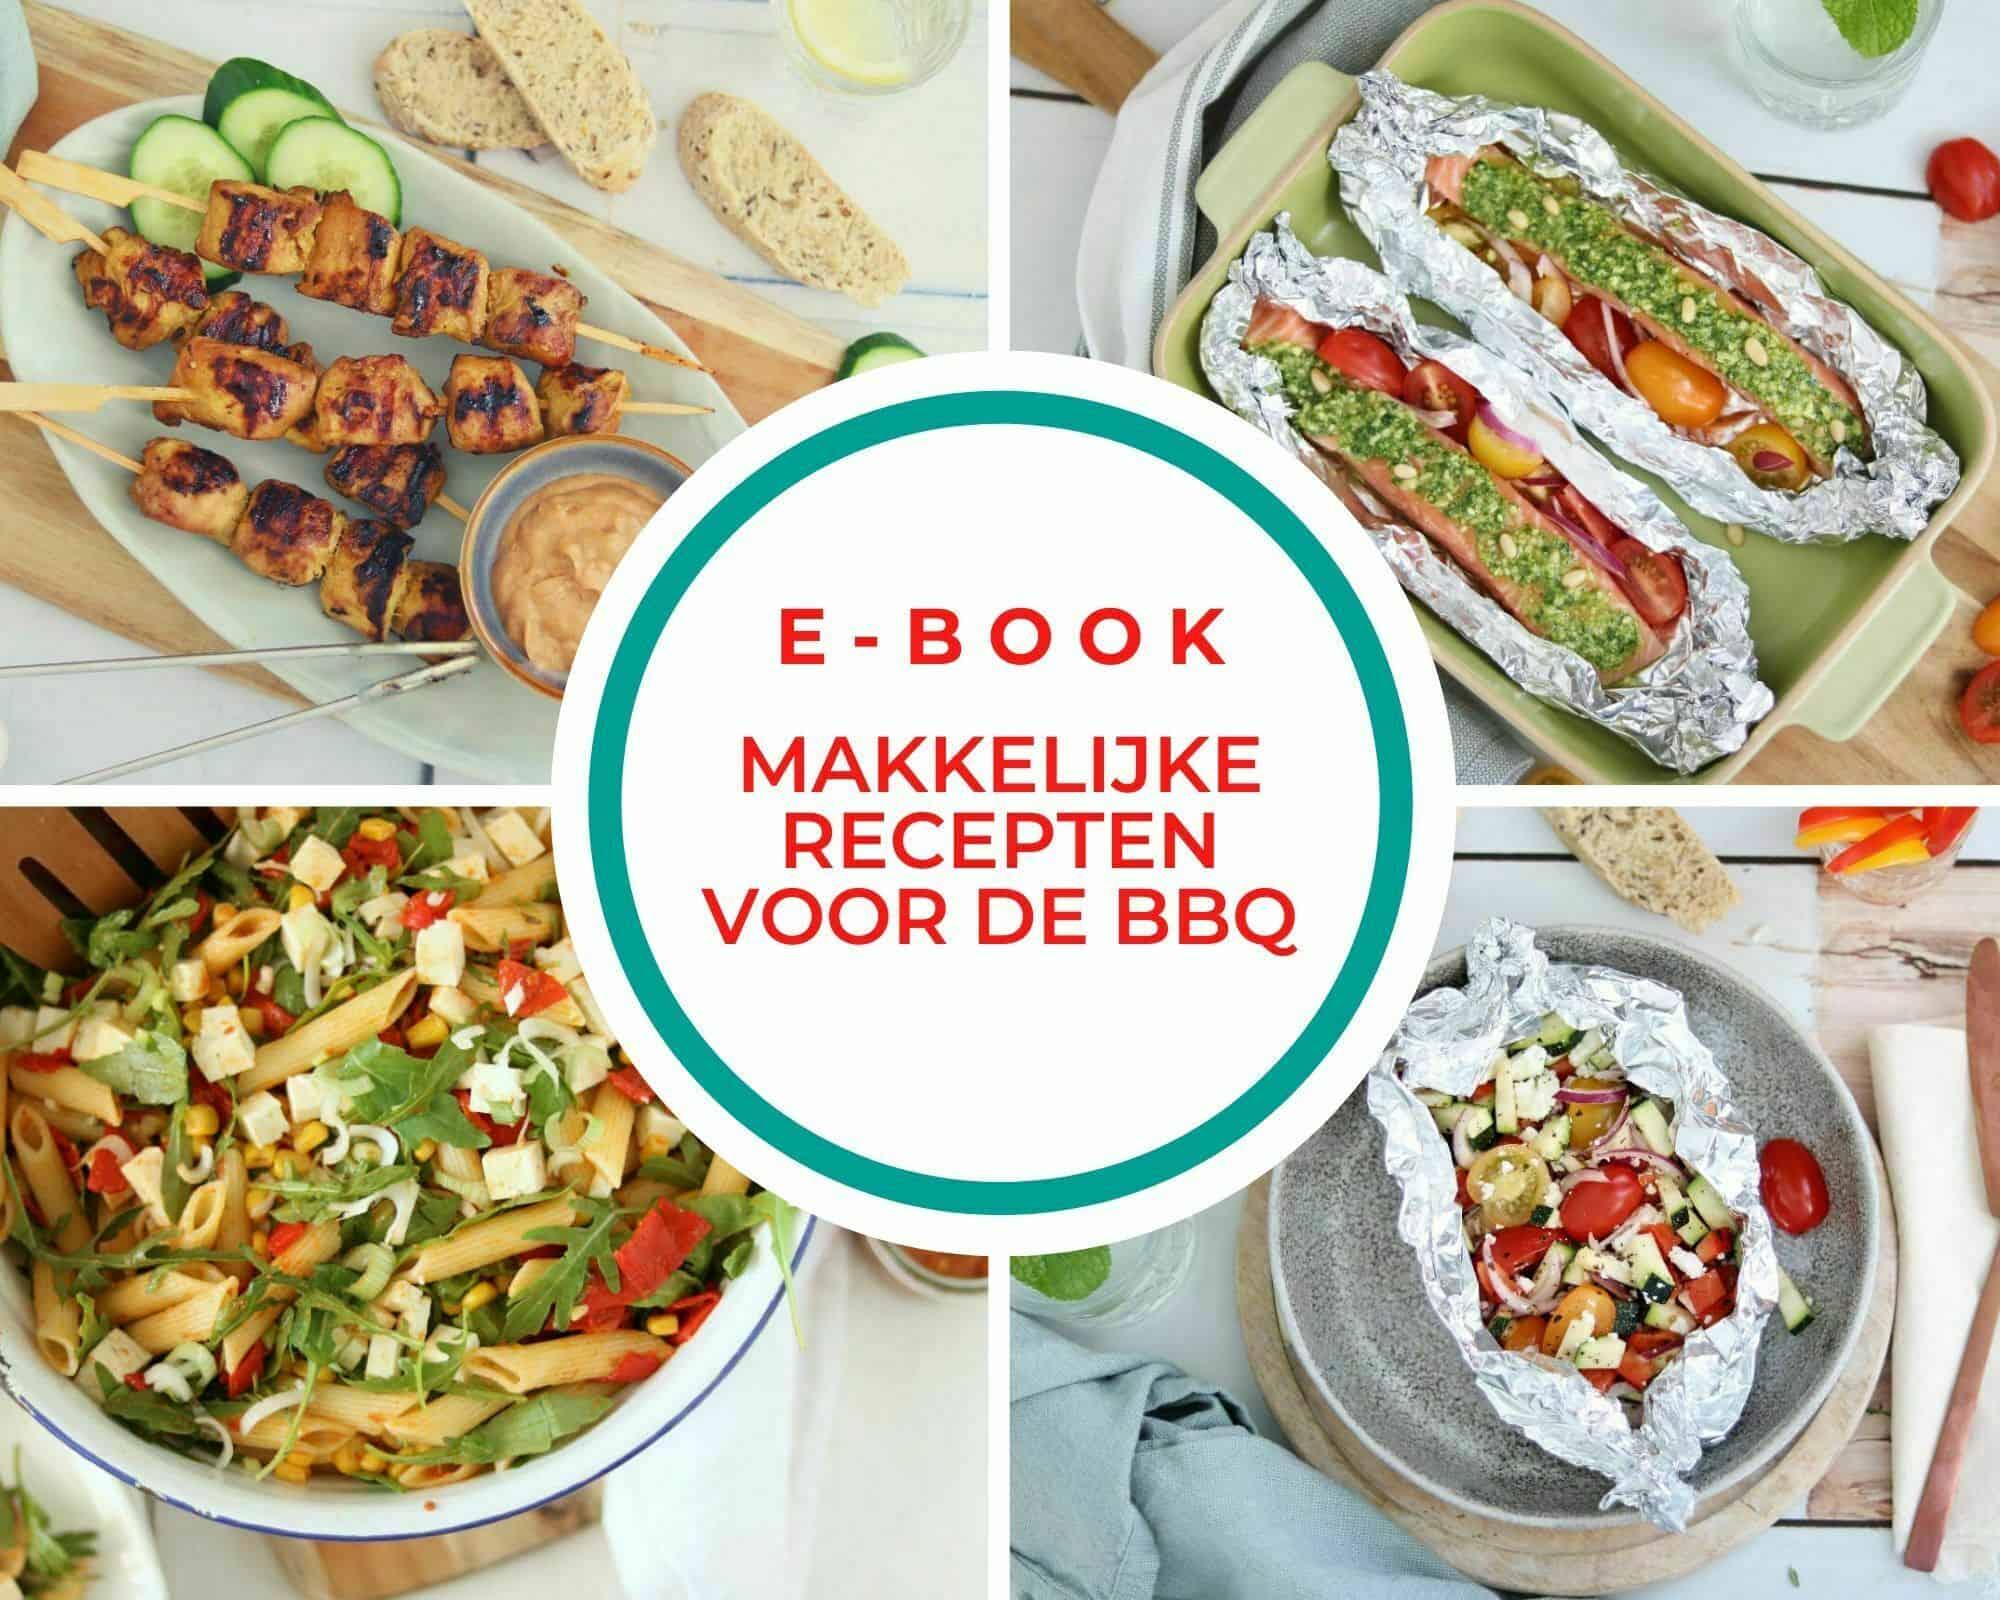 Gratis E-book makkelijke recepten voor de barbecue